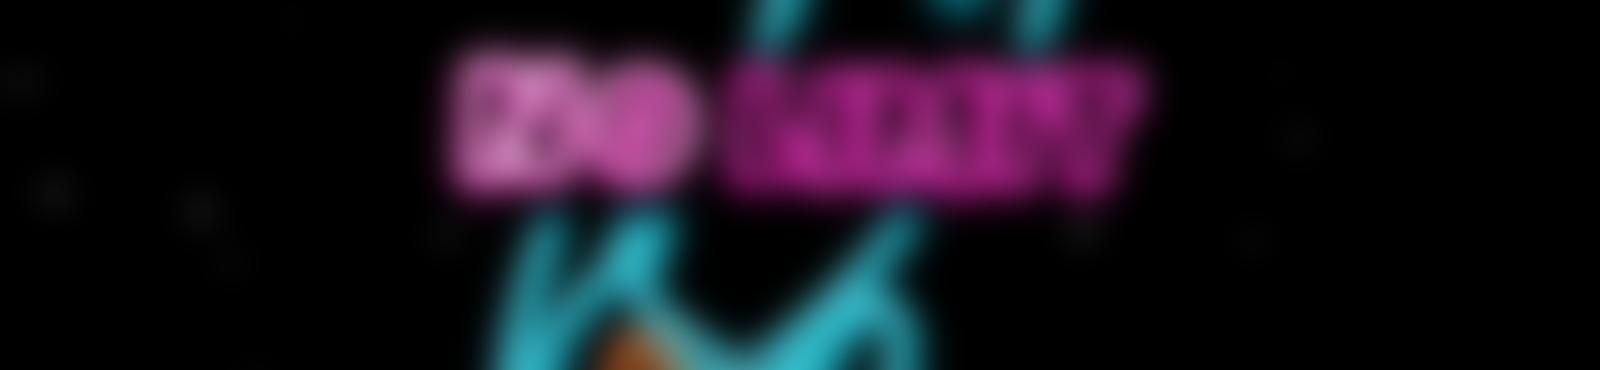 Blurred 84ffa4ed 585b 45fe b478 5ffcf1ff5b6e